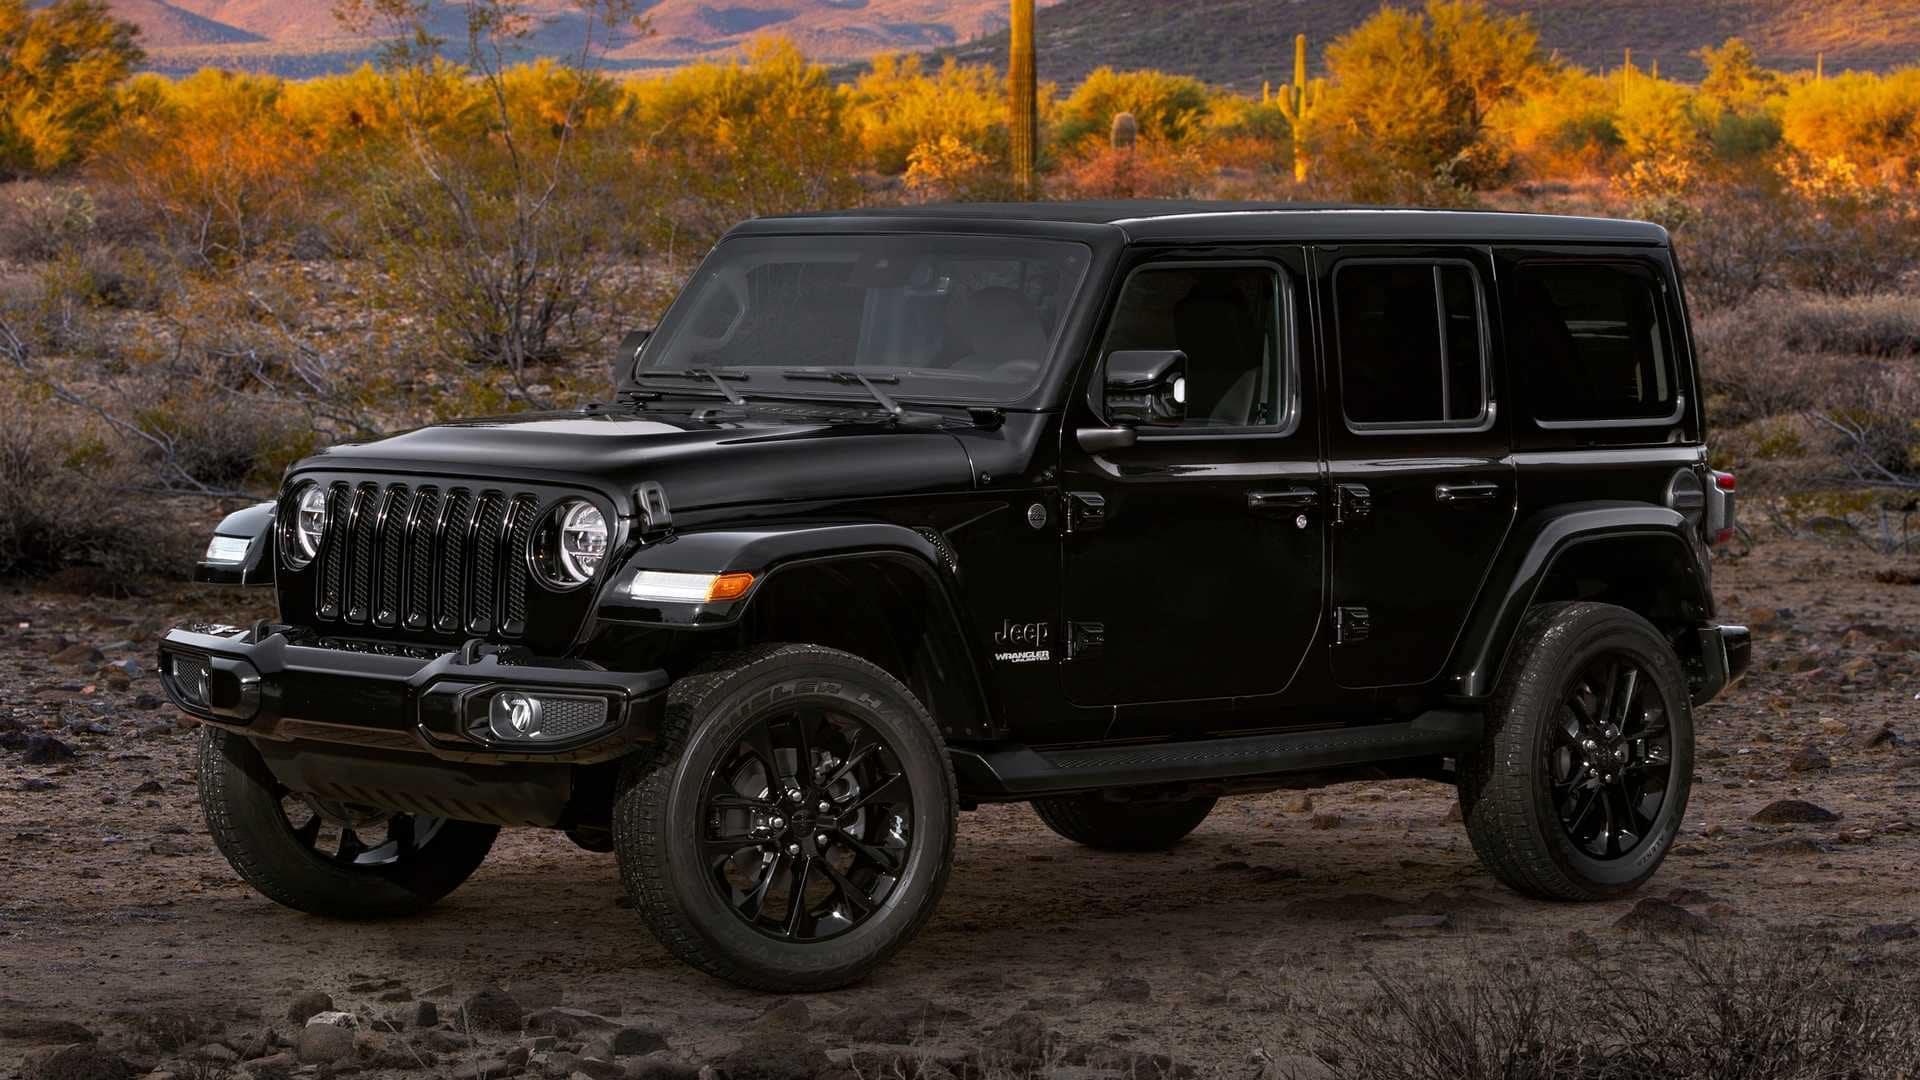 New Concept Jeep Jl 2021 Changes